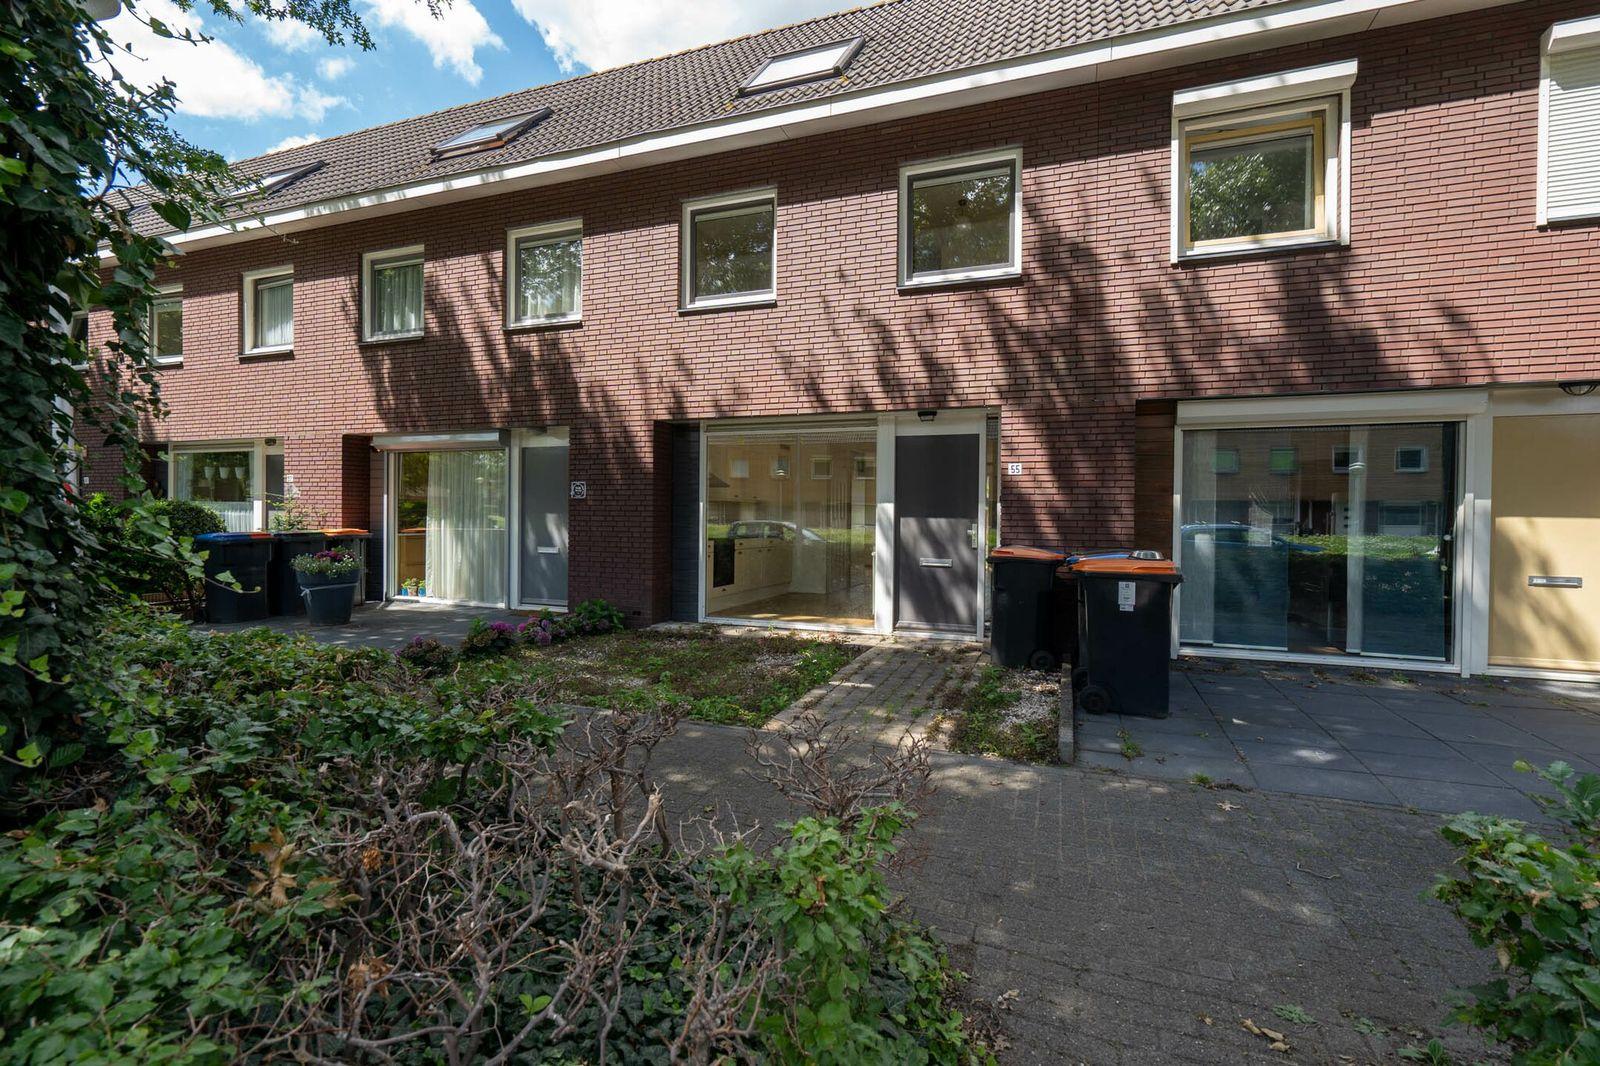 Roodeschoolstraat 55, Tilburg